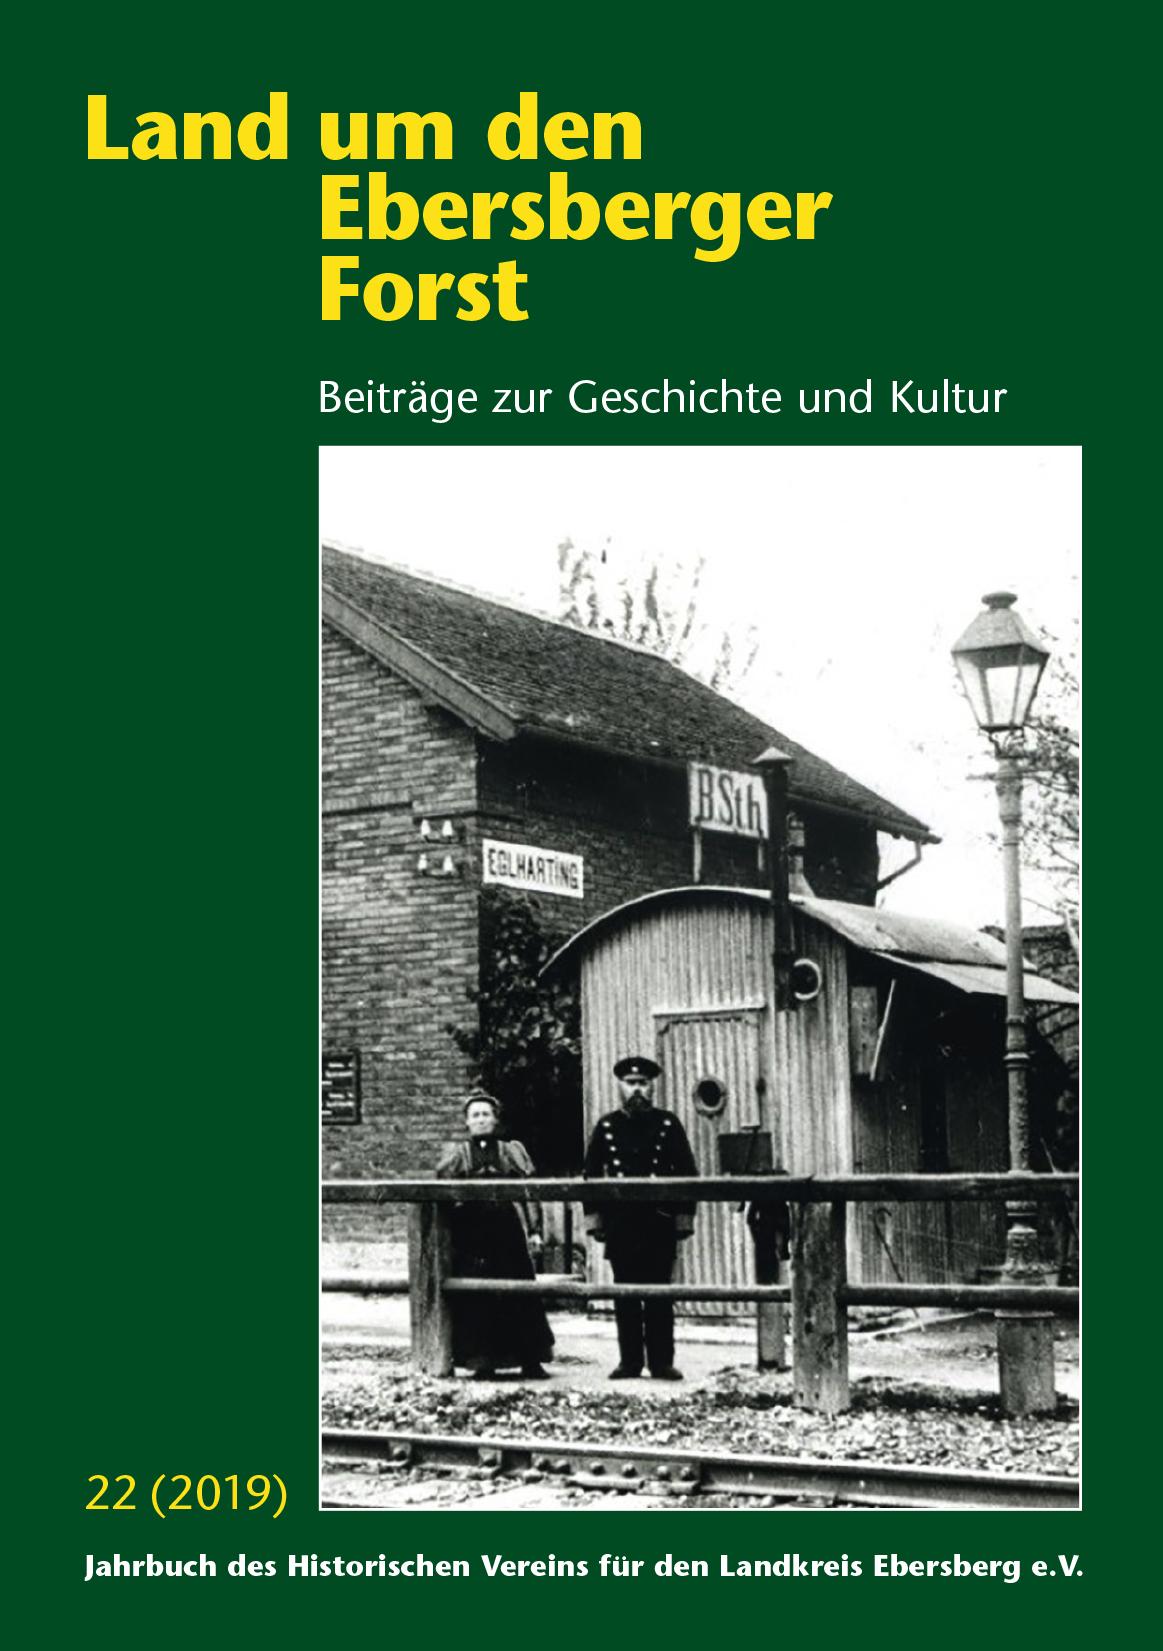 Land um den Ebersberger Forst Beiträge zur Geschichte und Kultur – Band 22